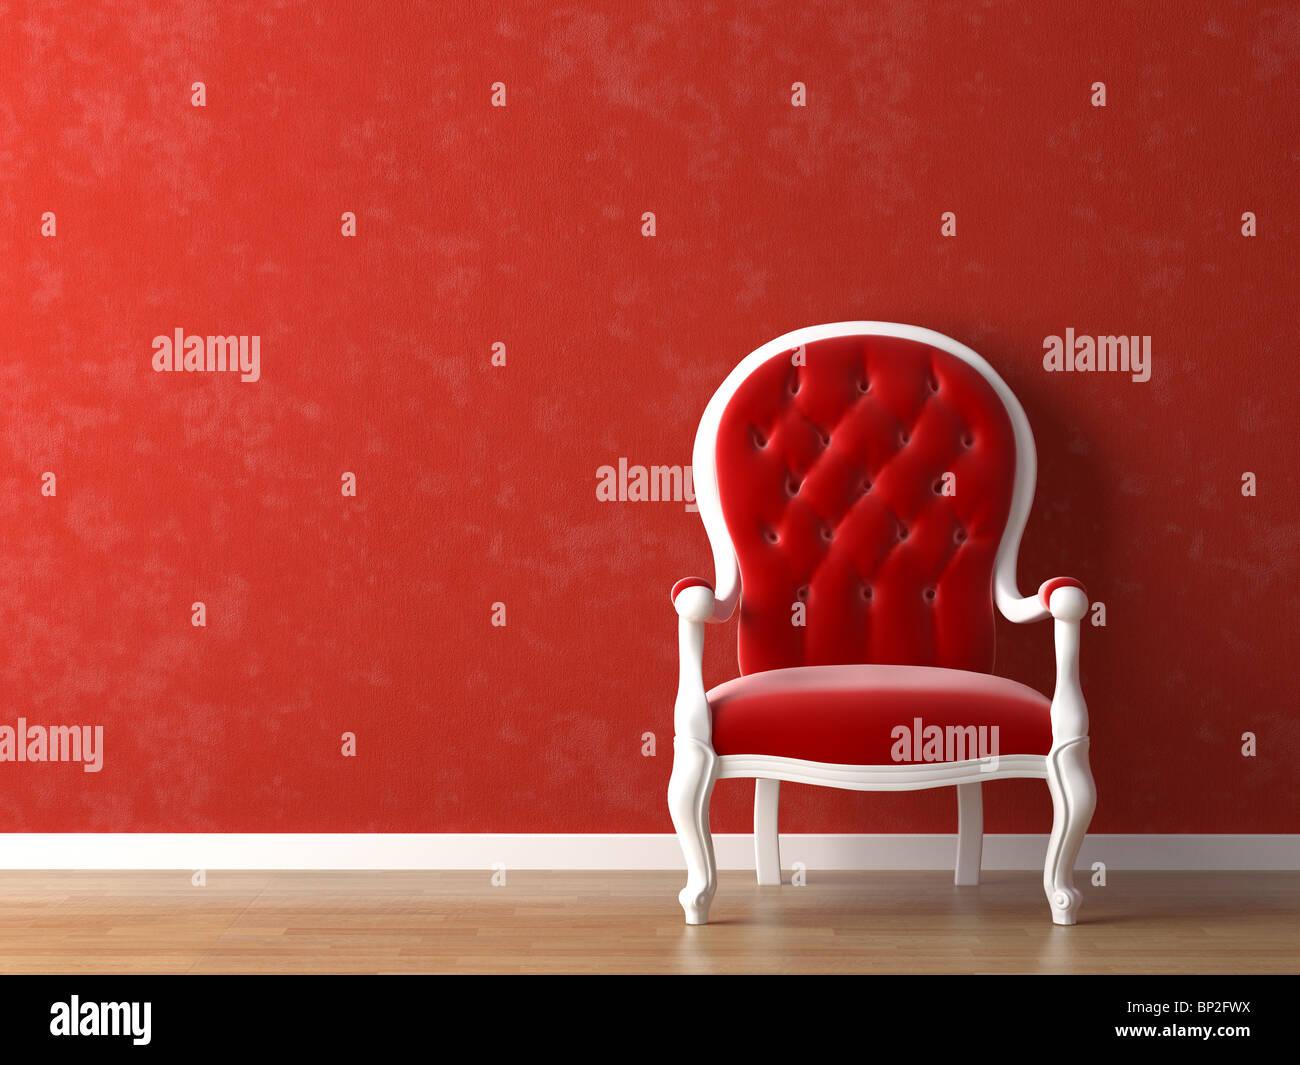 Rojo y blanco con un diseño interior de elementos mínimos Imagen De Stock